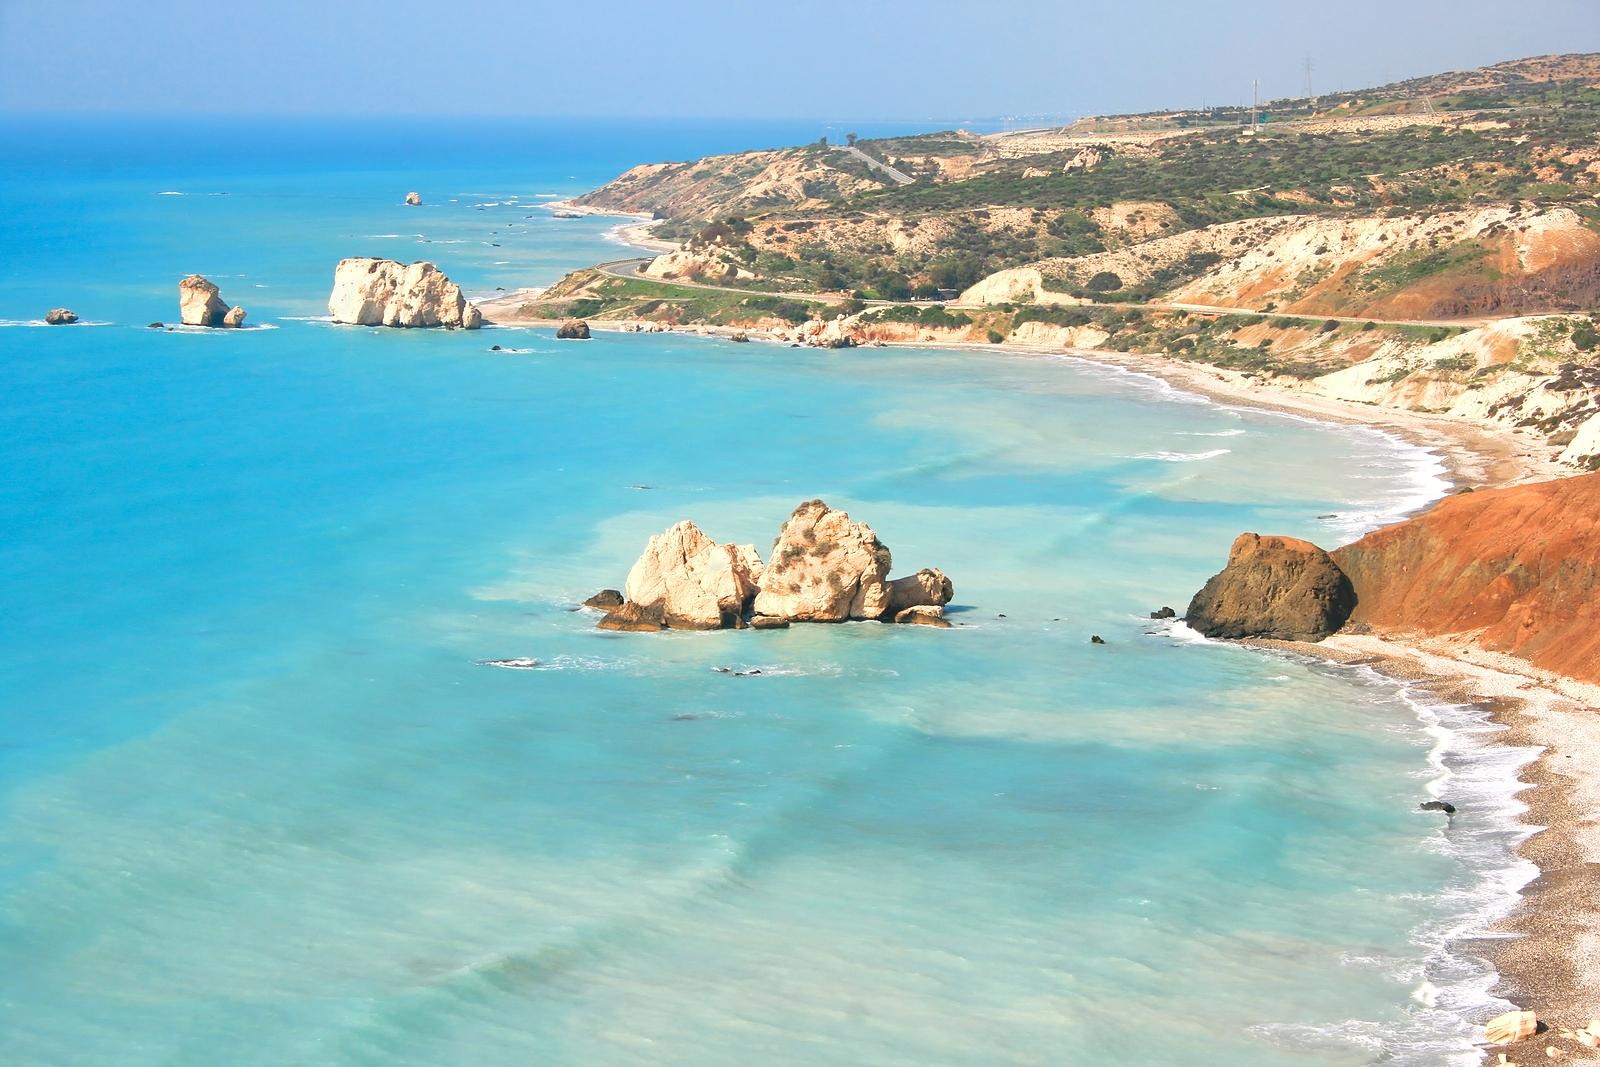 Выбираем сим-карту для поездки на Кипр заранее, не выезжая из России